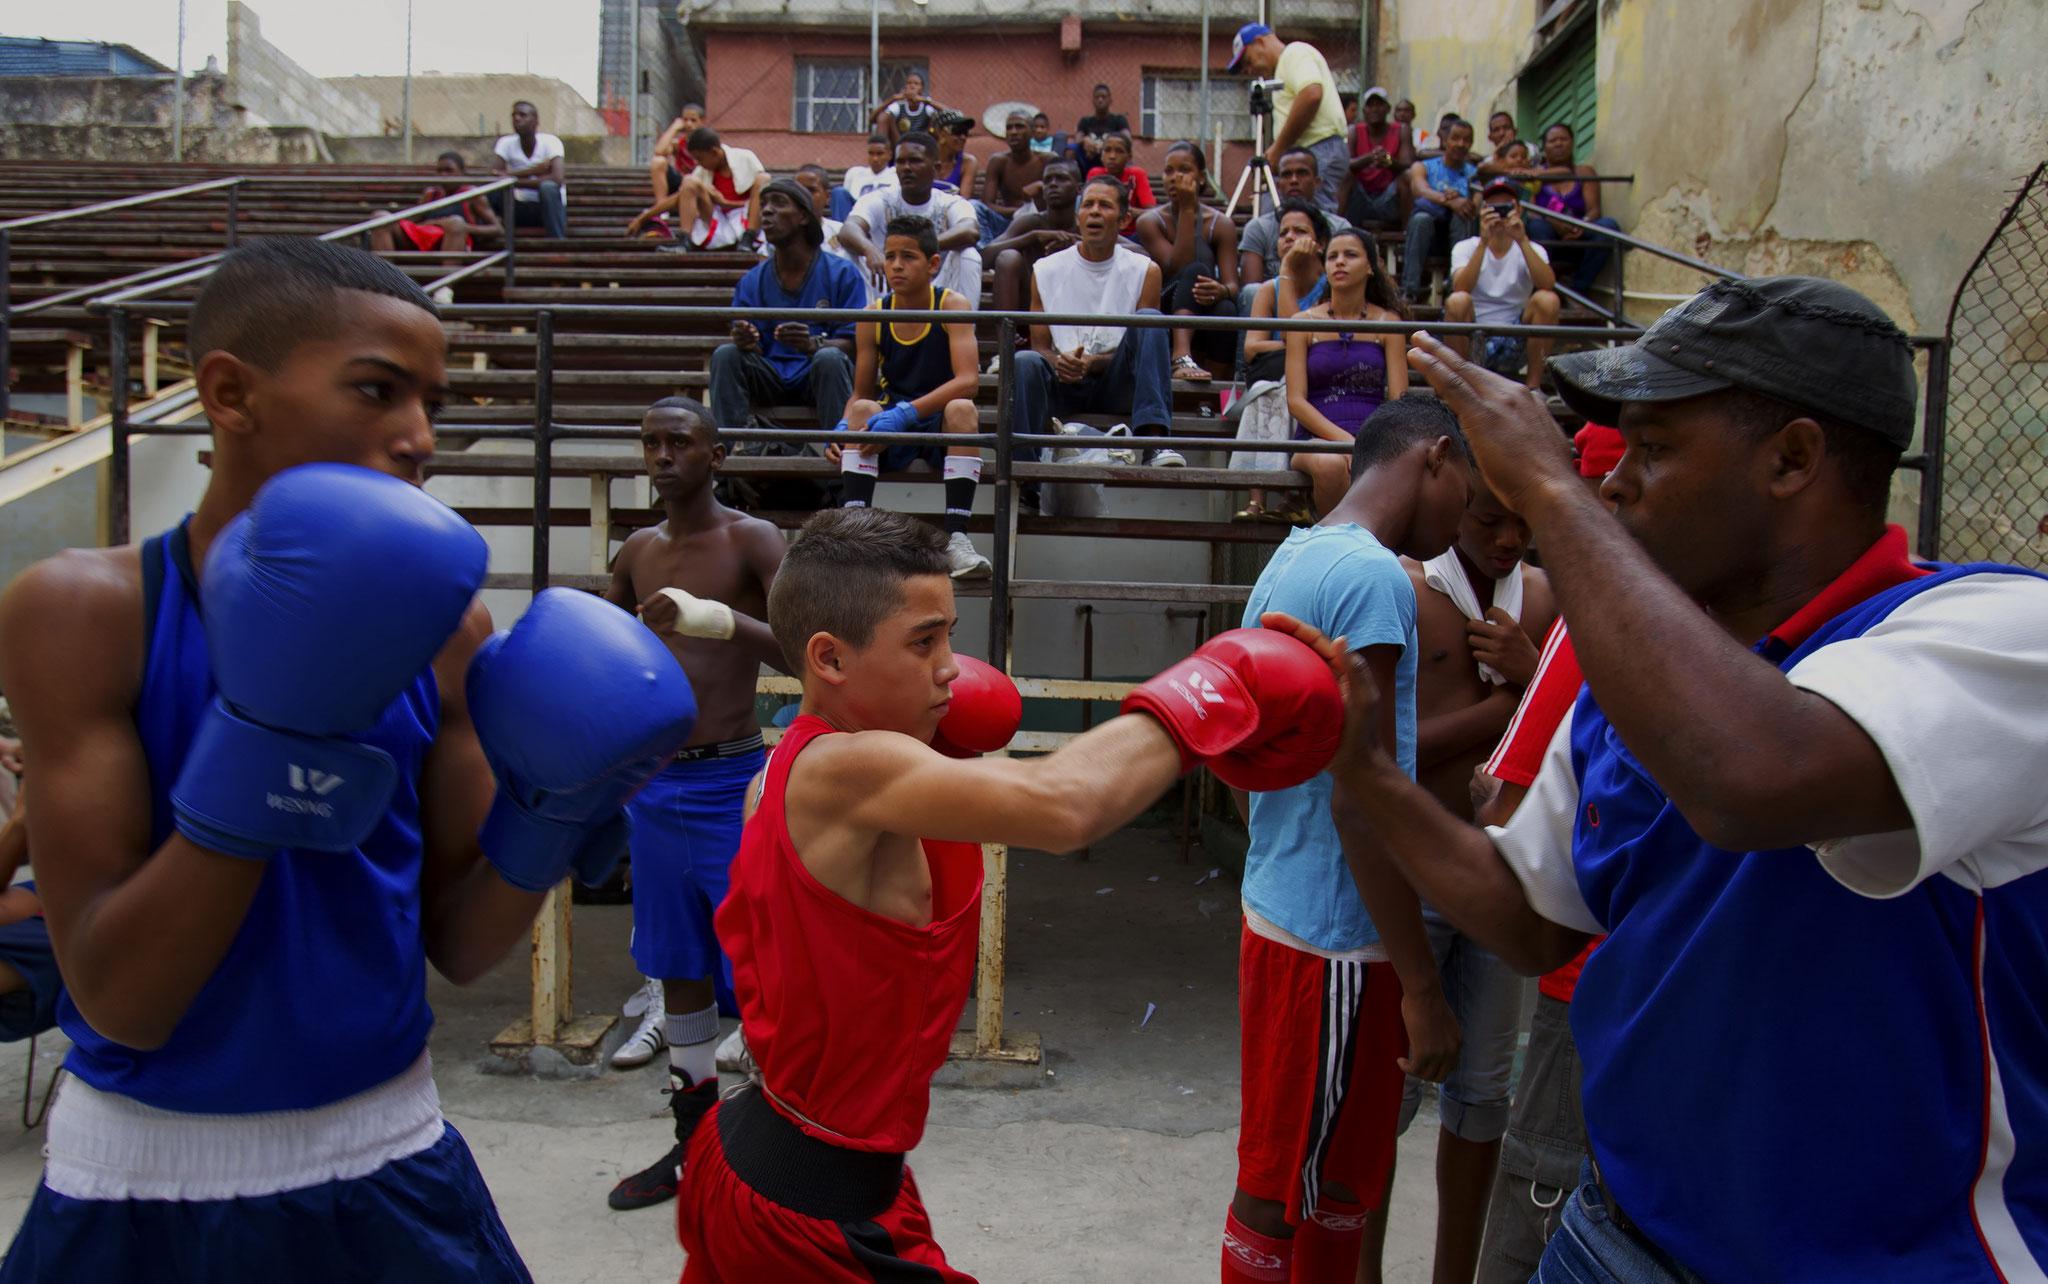 © Hans G. Lehmann | Boxing school in Havana, Cuba